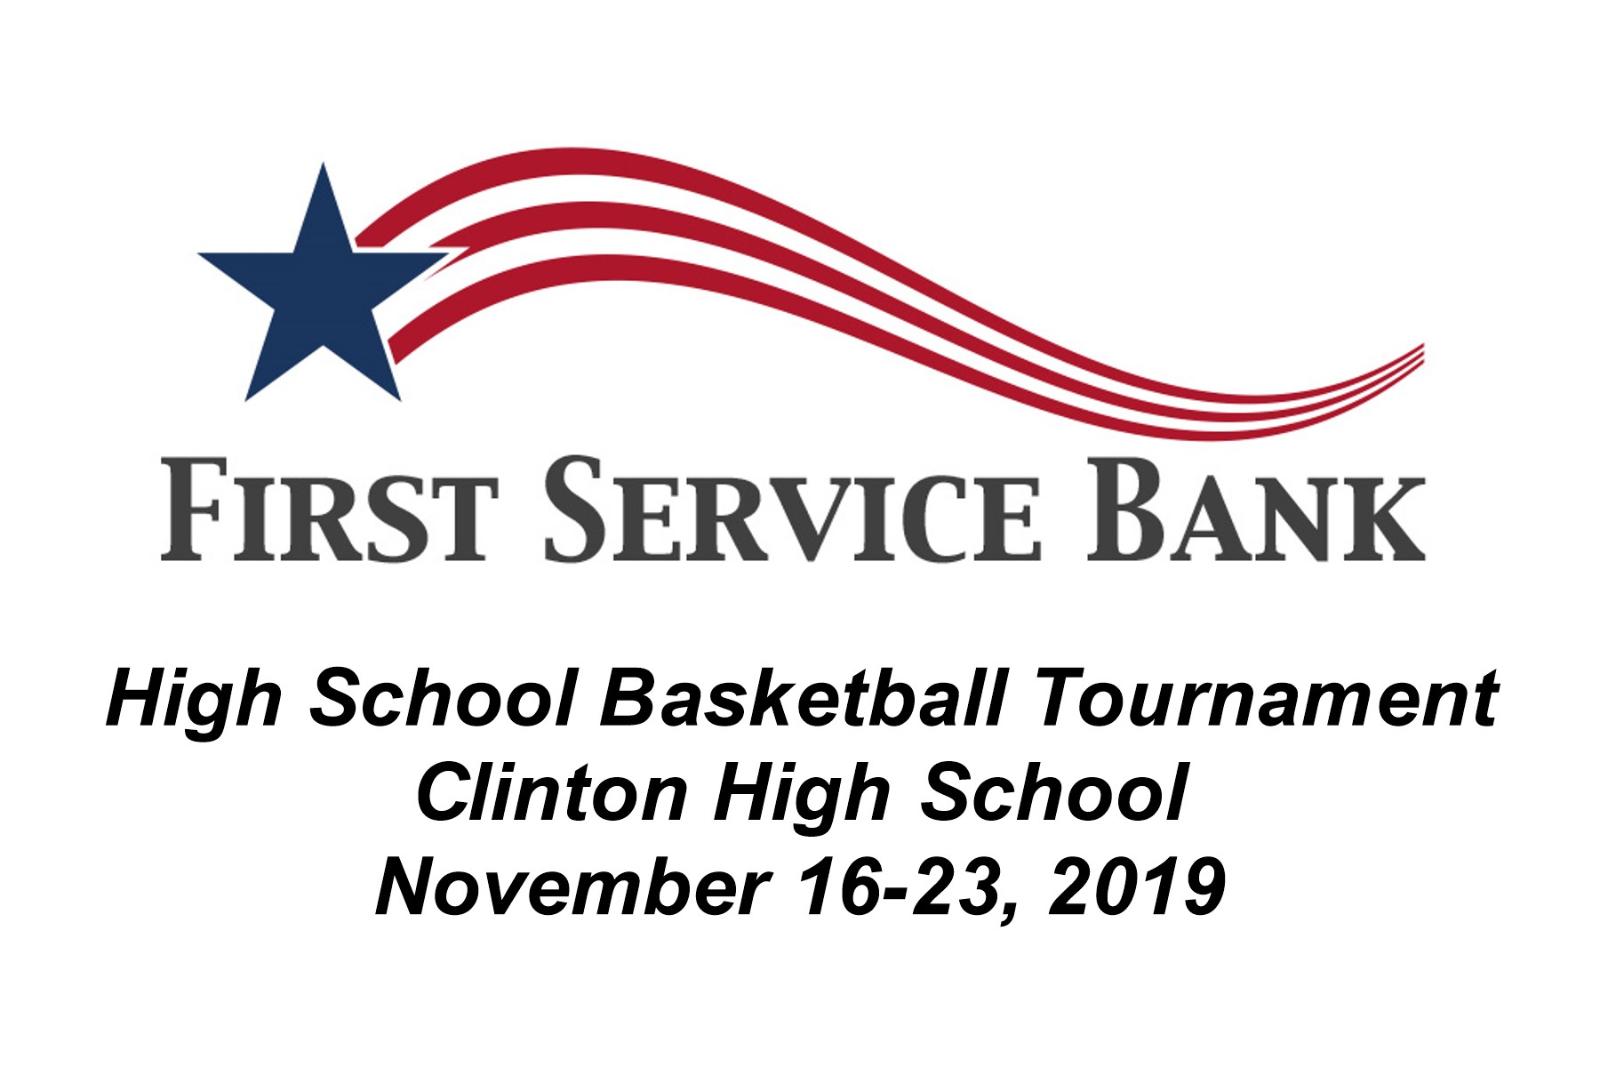 First Service Bank Tournament brackets